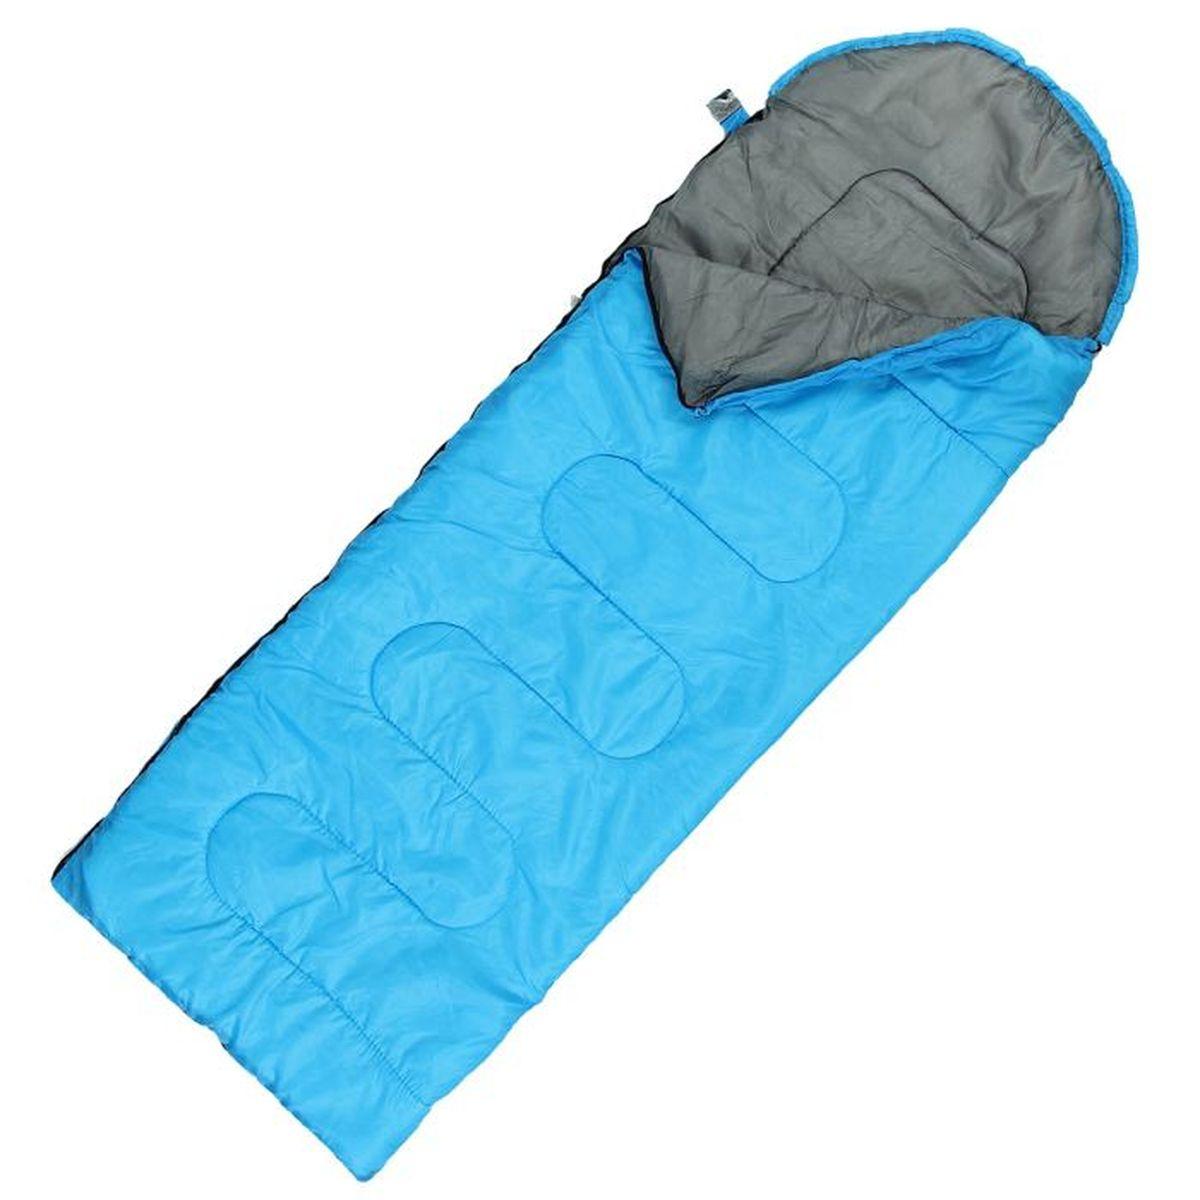 Спальный мешок Командор, цвет: голубой, правосторонняя молния634869Спальный мешок Командор - комфортный, просторный и очень теплый 3-сезонный спальник предназначен для походов и для отдыха на природе не только в летнее время, но и в прохладные дни весенне-осеннего периода. В теплое время спальный мешок можно использовать как одеяло (в том числе и дома).Что взять с собой в поход?. Статья OZON Гид